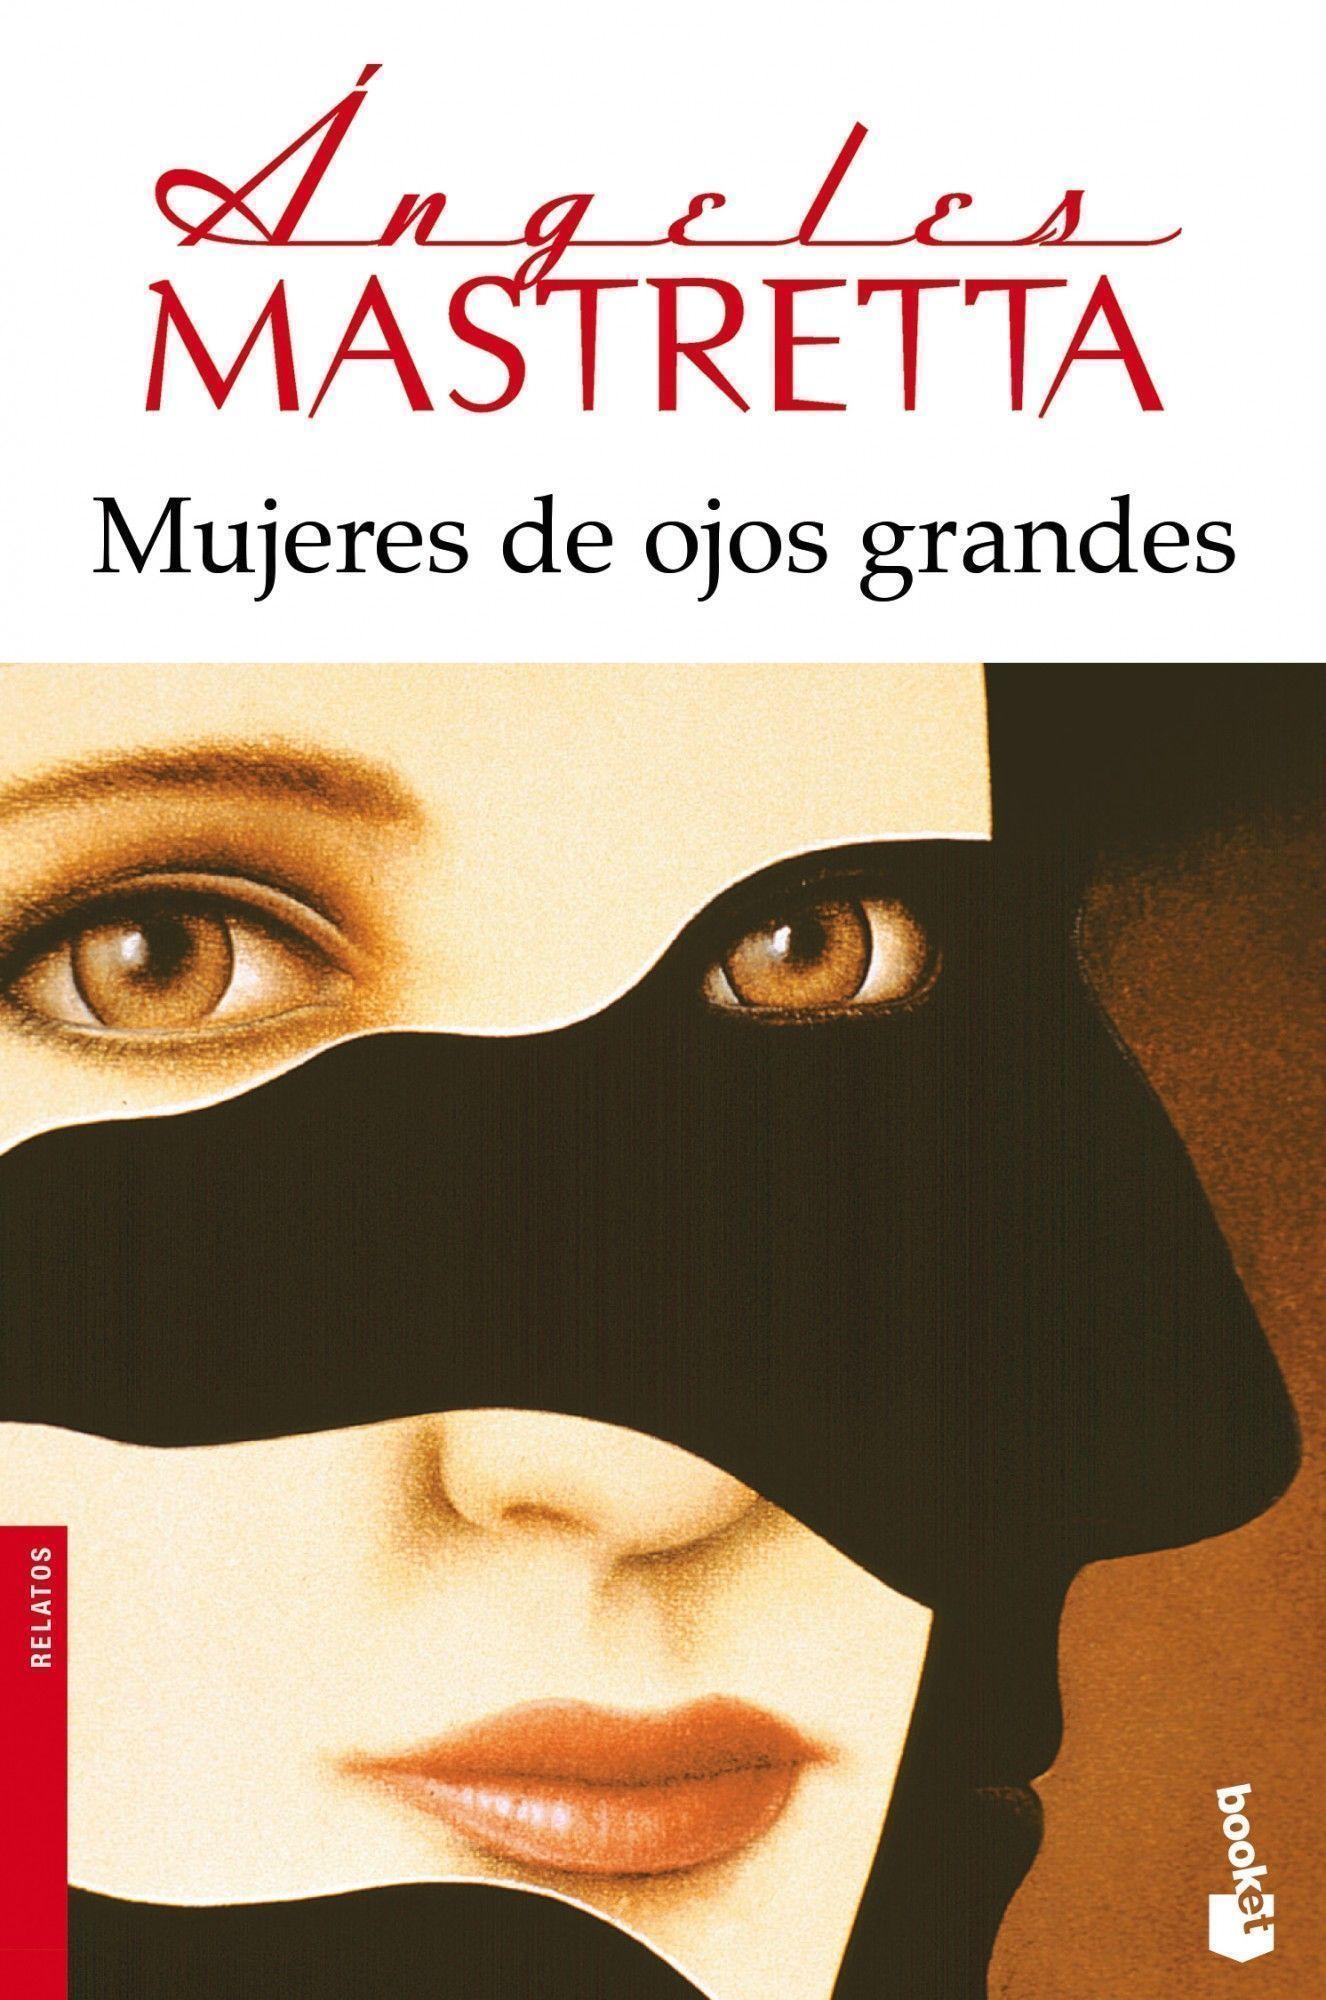 Mujeres de ojos grandes; Ángeles mastretta